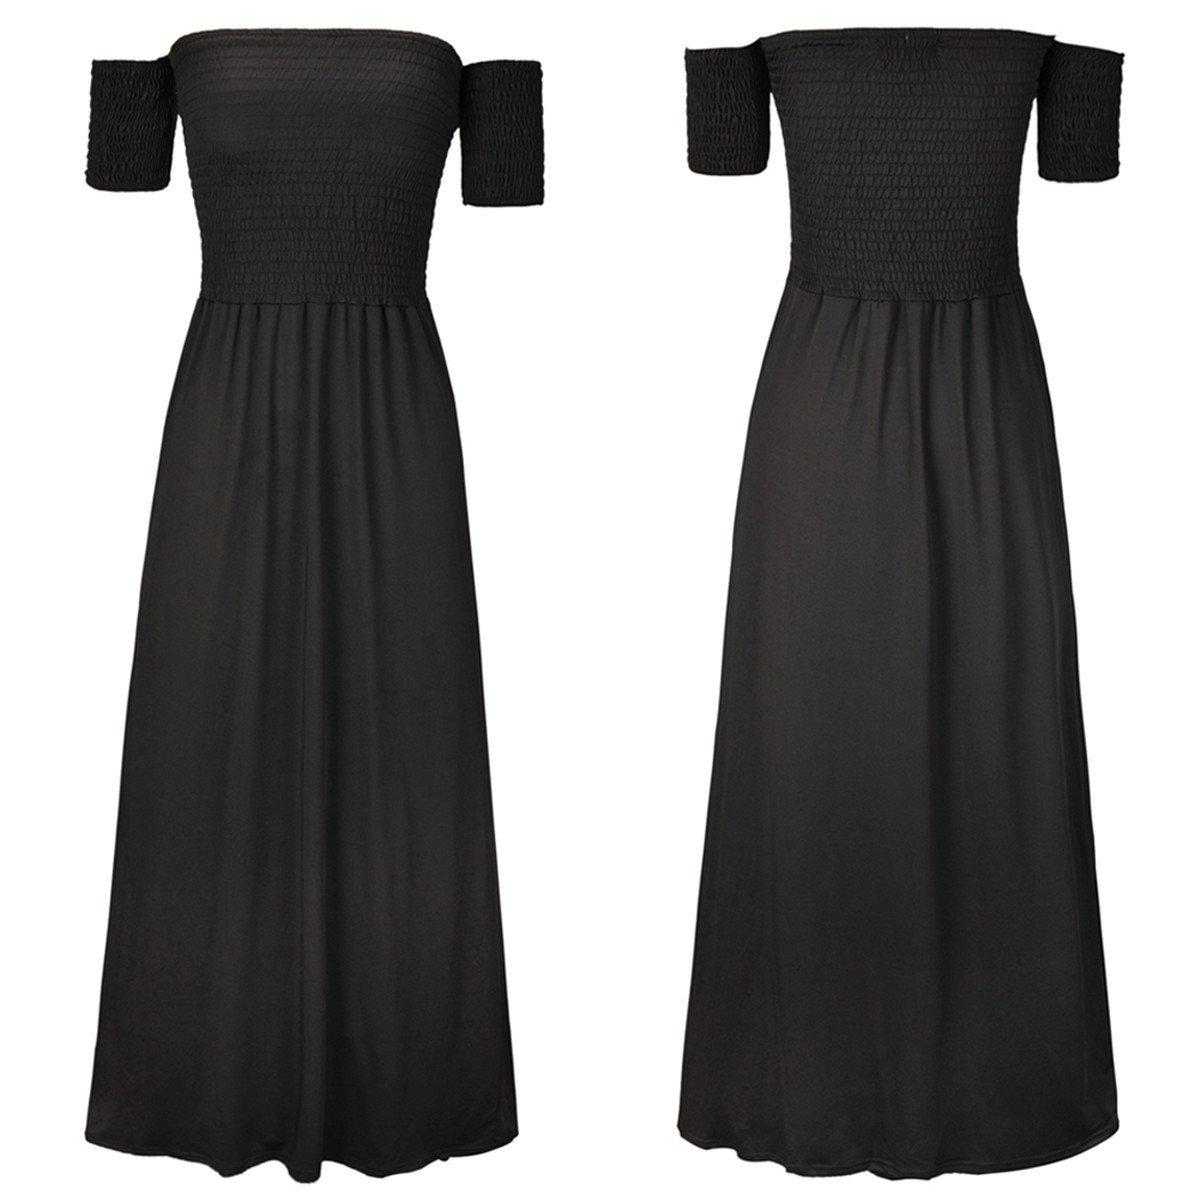 Moda Vestido | Vestido para mujer Vestidos europeos y americanos | Una palabra collar, falda larga de manga corta color puro | | | vestido de noche vestidos ...